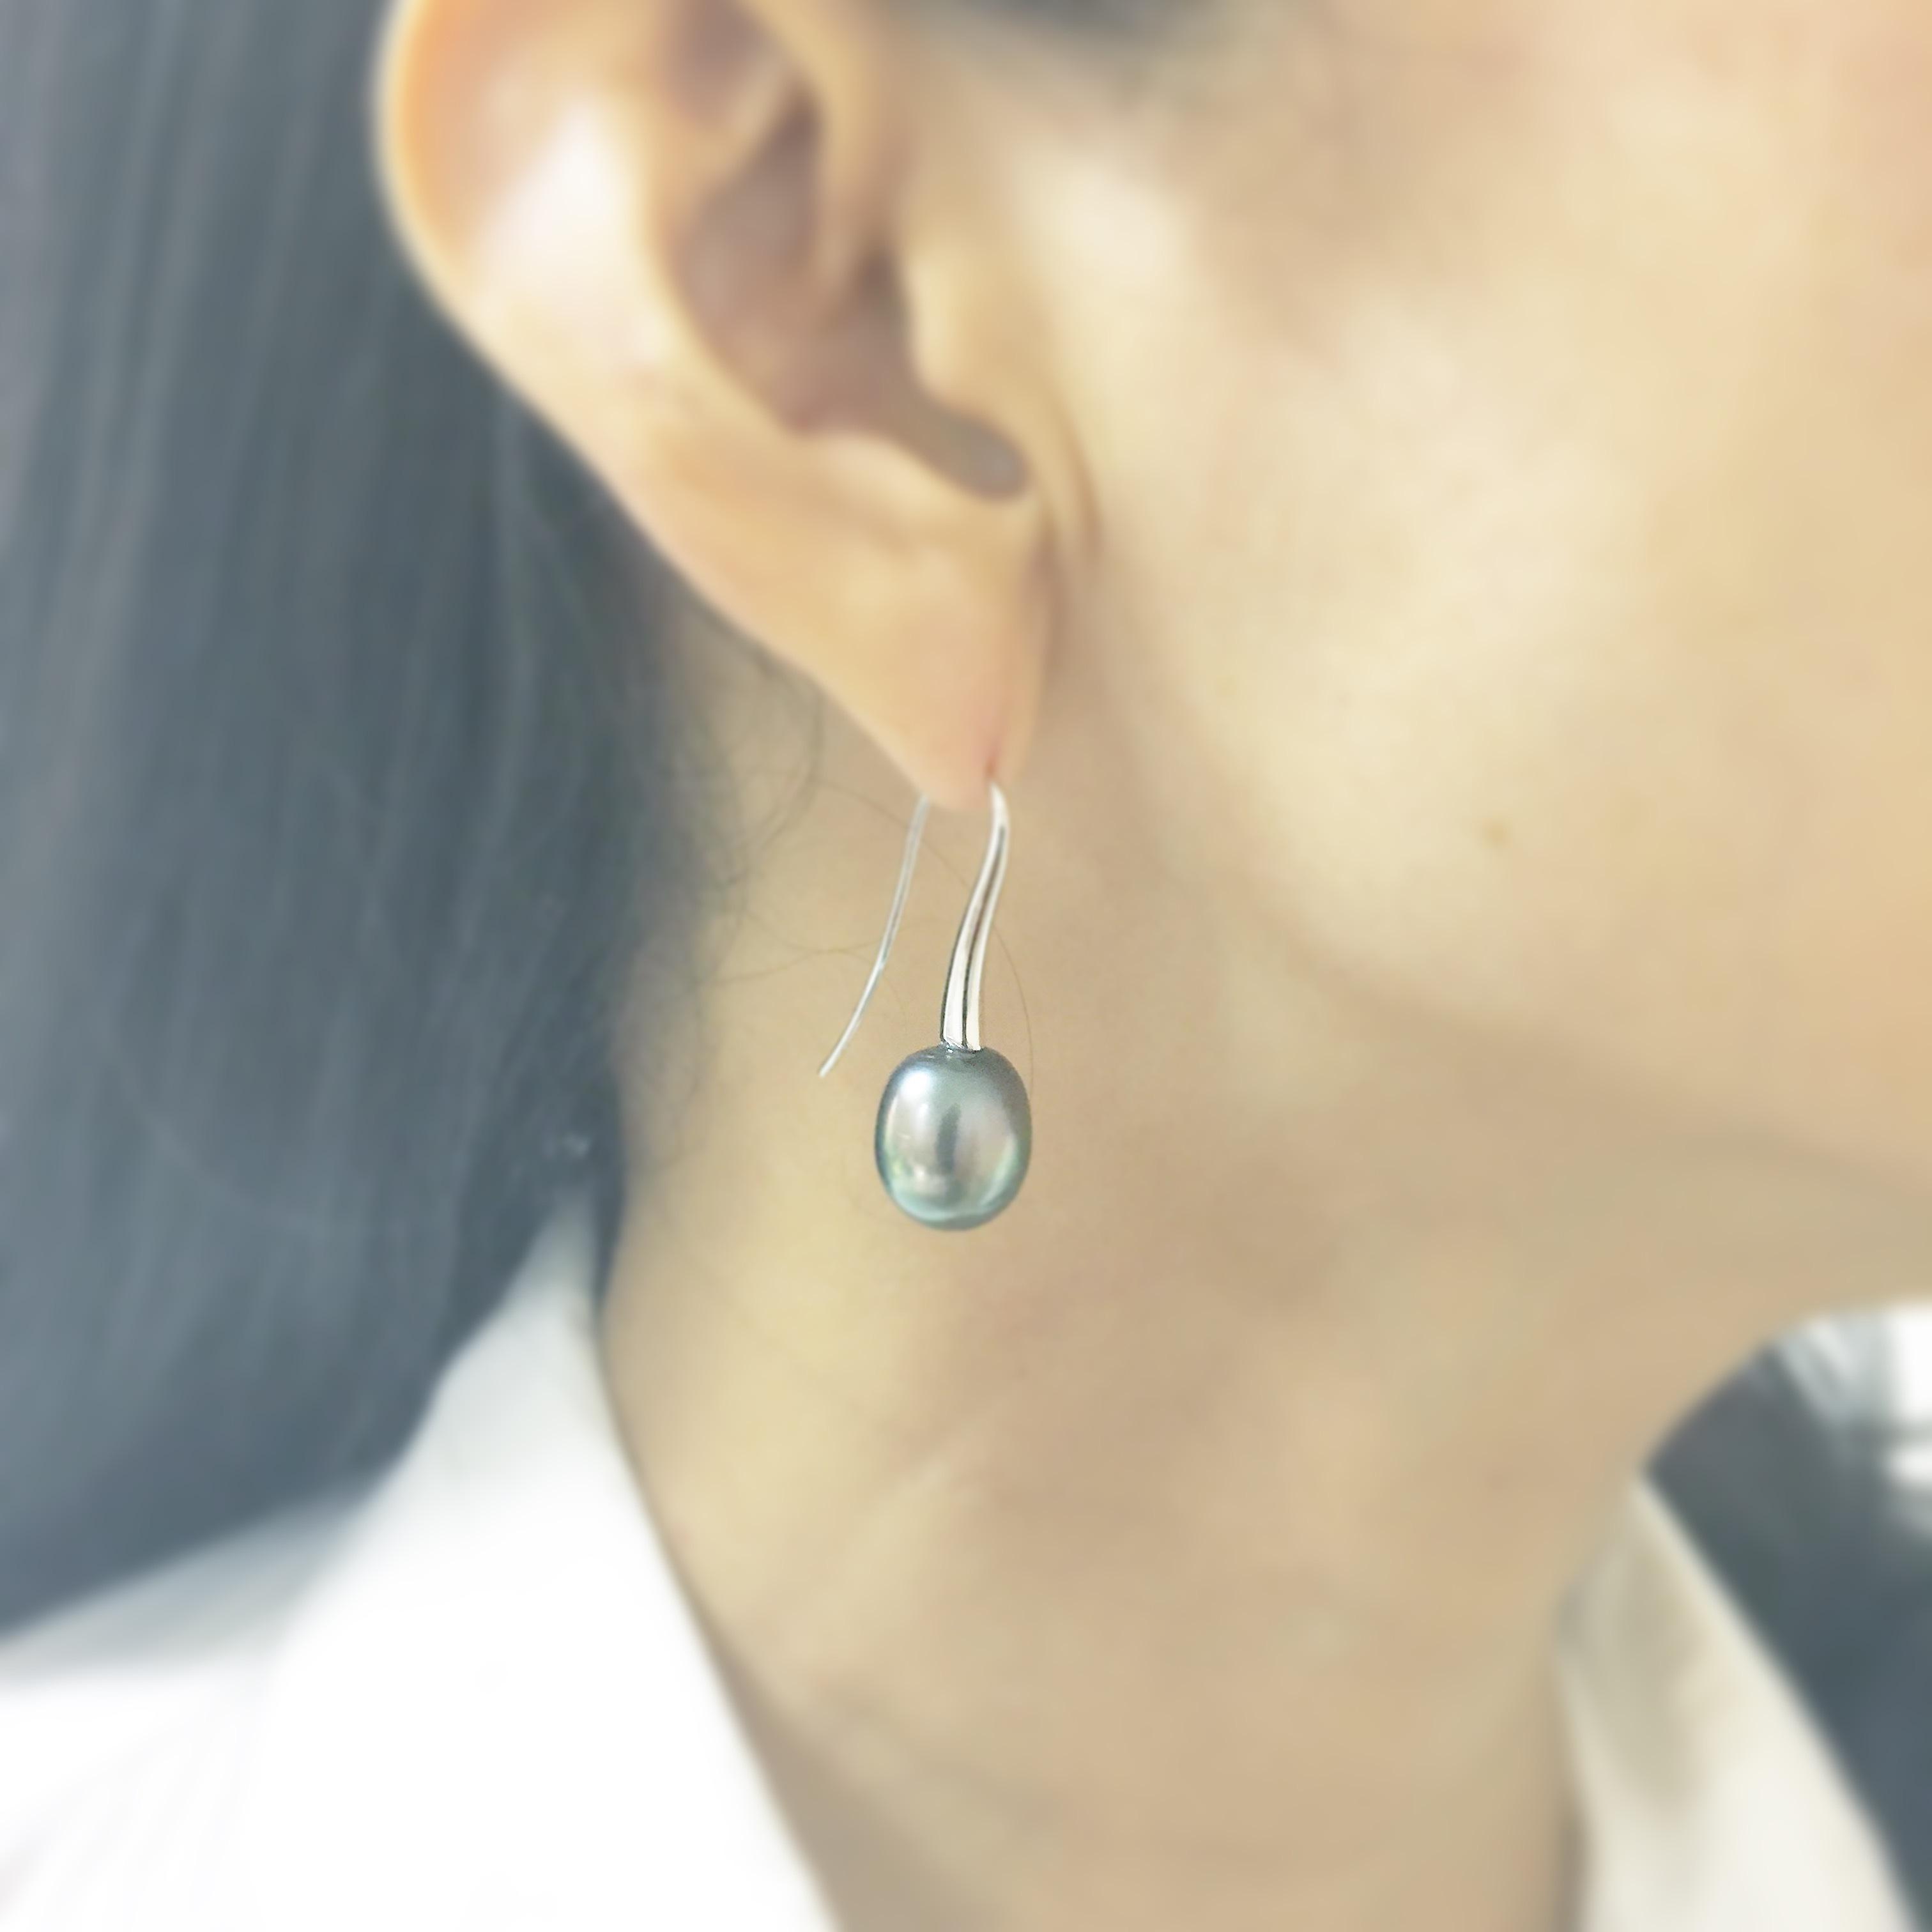 The Oval Hook Piercing K18WG